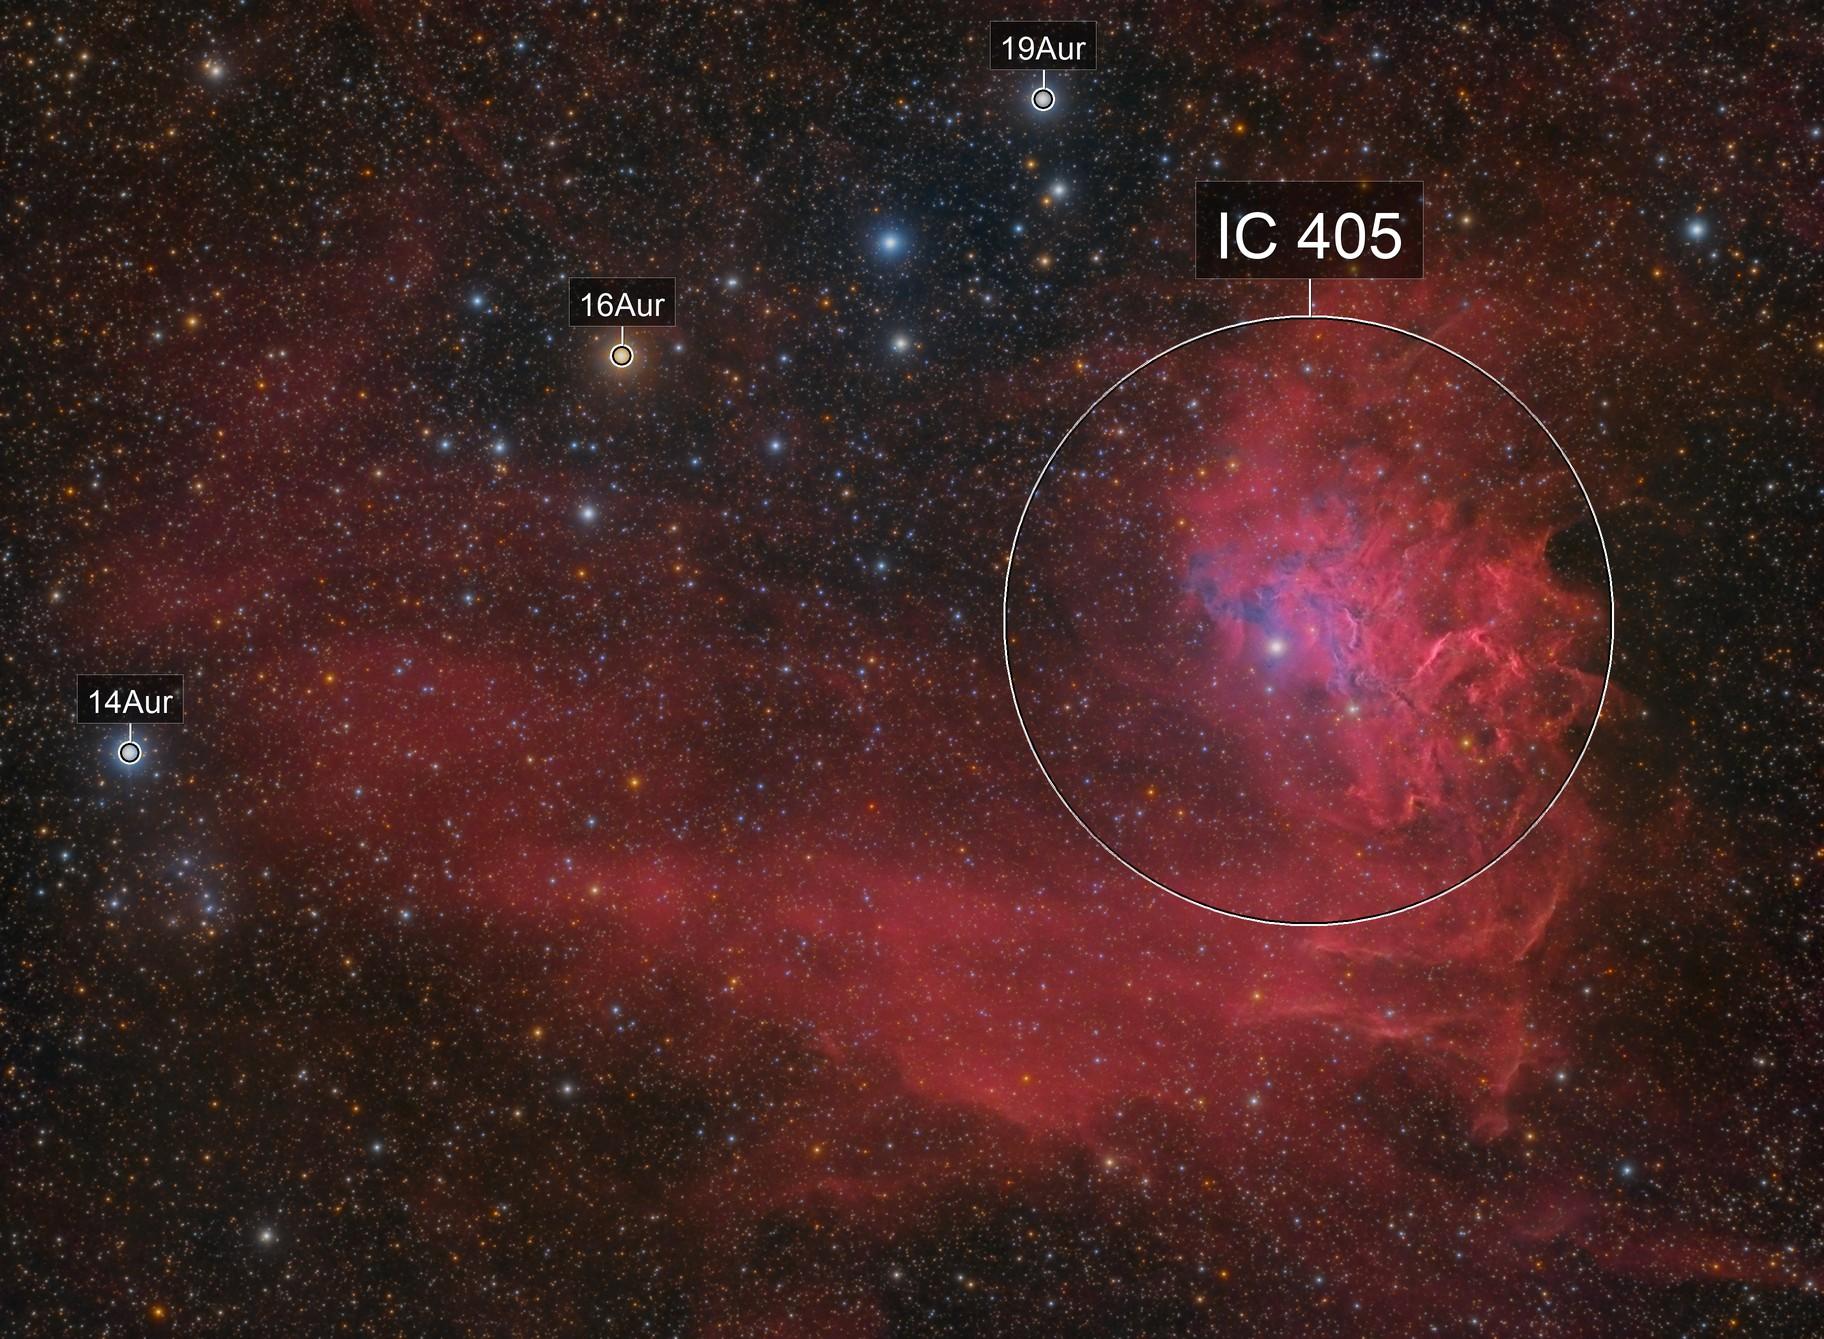 """The """"Flaming Star Nebula"""" IC 405 in LRGBHa"""